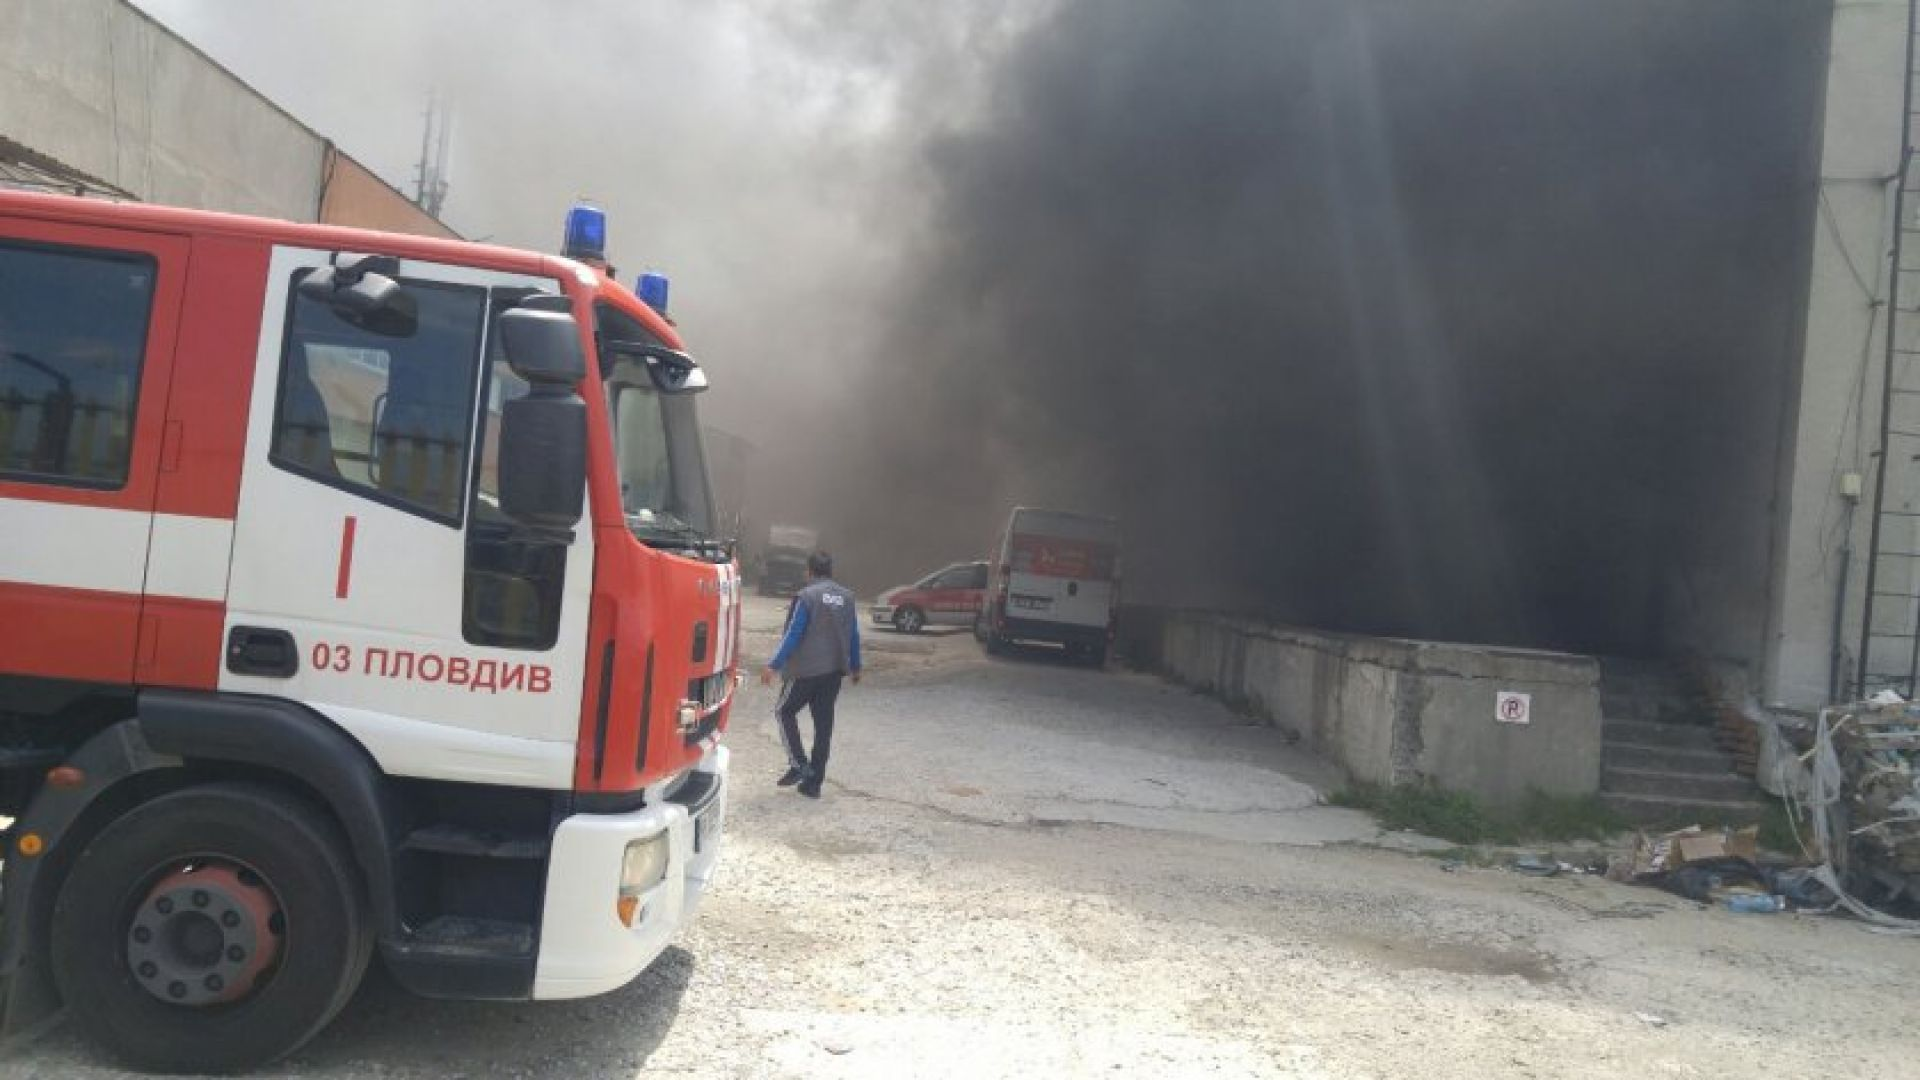 Пожар е избухнал в склад за дрехи втора употреба във